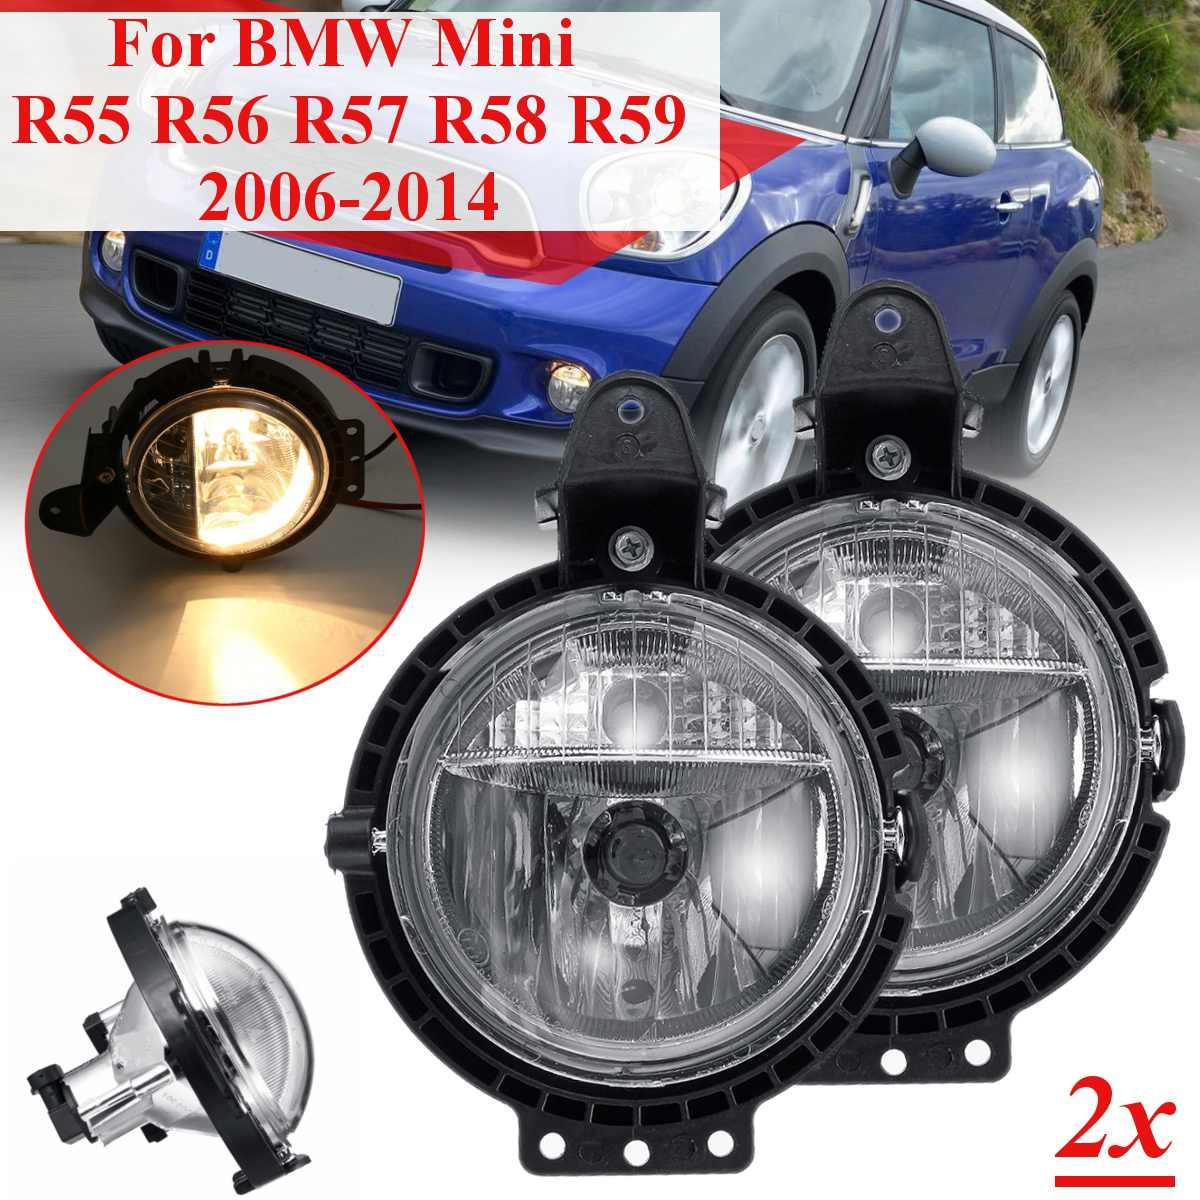 2 шт. автомобильный противотуманный светильник для BMW Mini R55 R56 R57 R58 R59 Clubvan Clubman Cooper Roadster Countryman одна лампа с лампой дальнего света